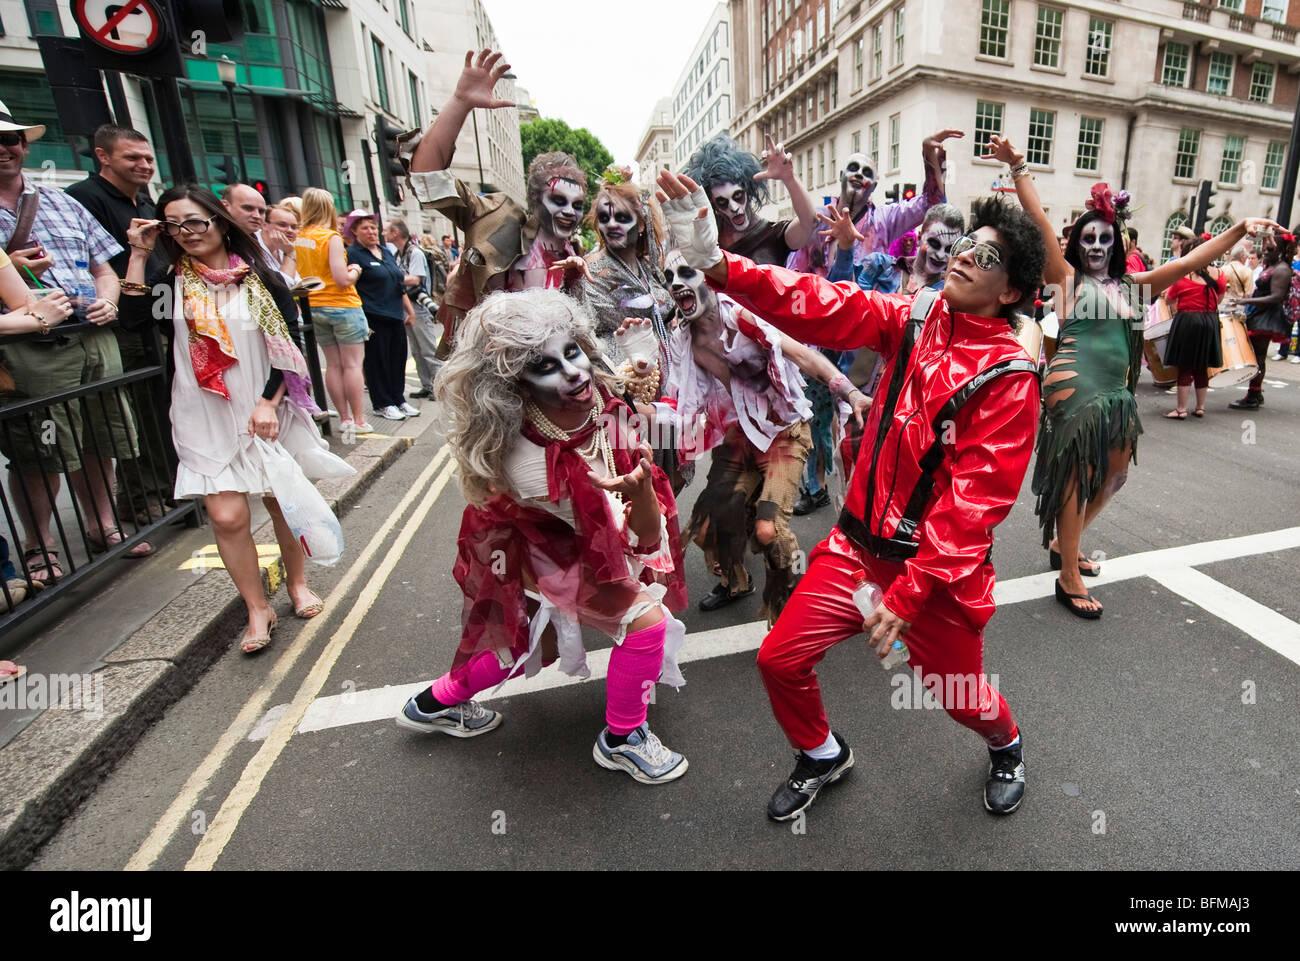 El grupo que realiza el thriller de Michael Jackson durante la marcha del orgullo gay de Londres en Londres 2009 Imagen De Stock